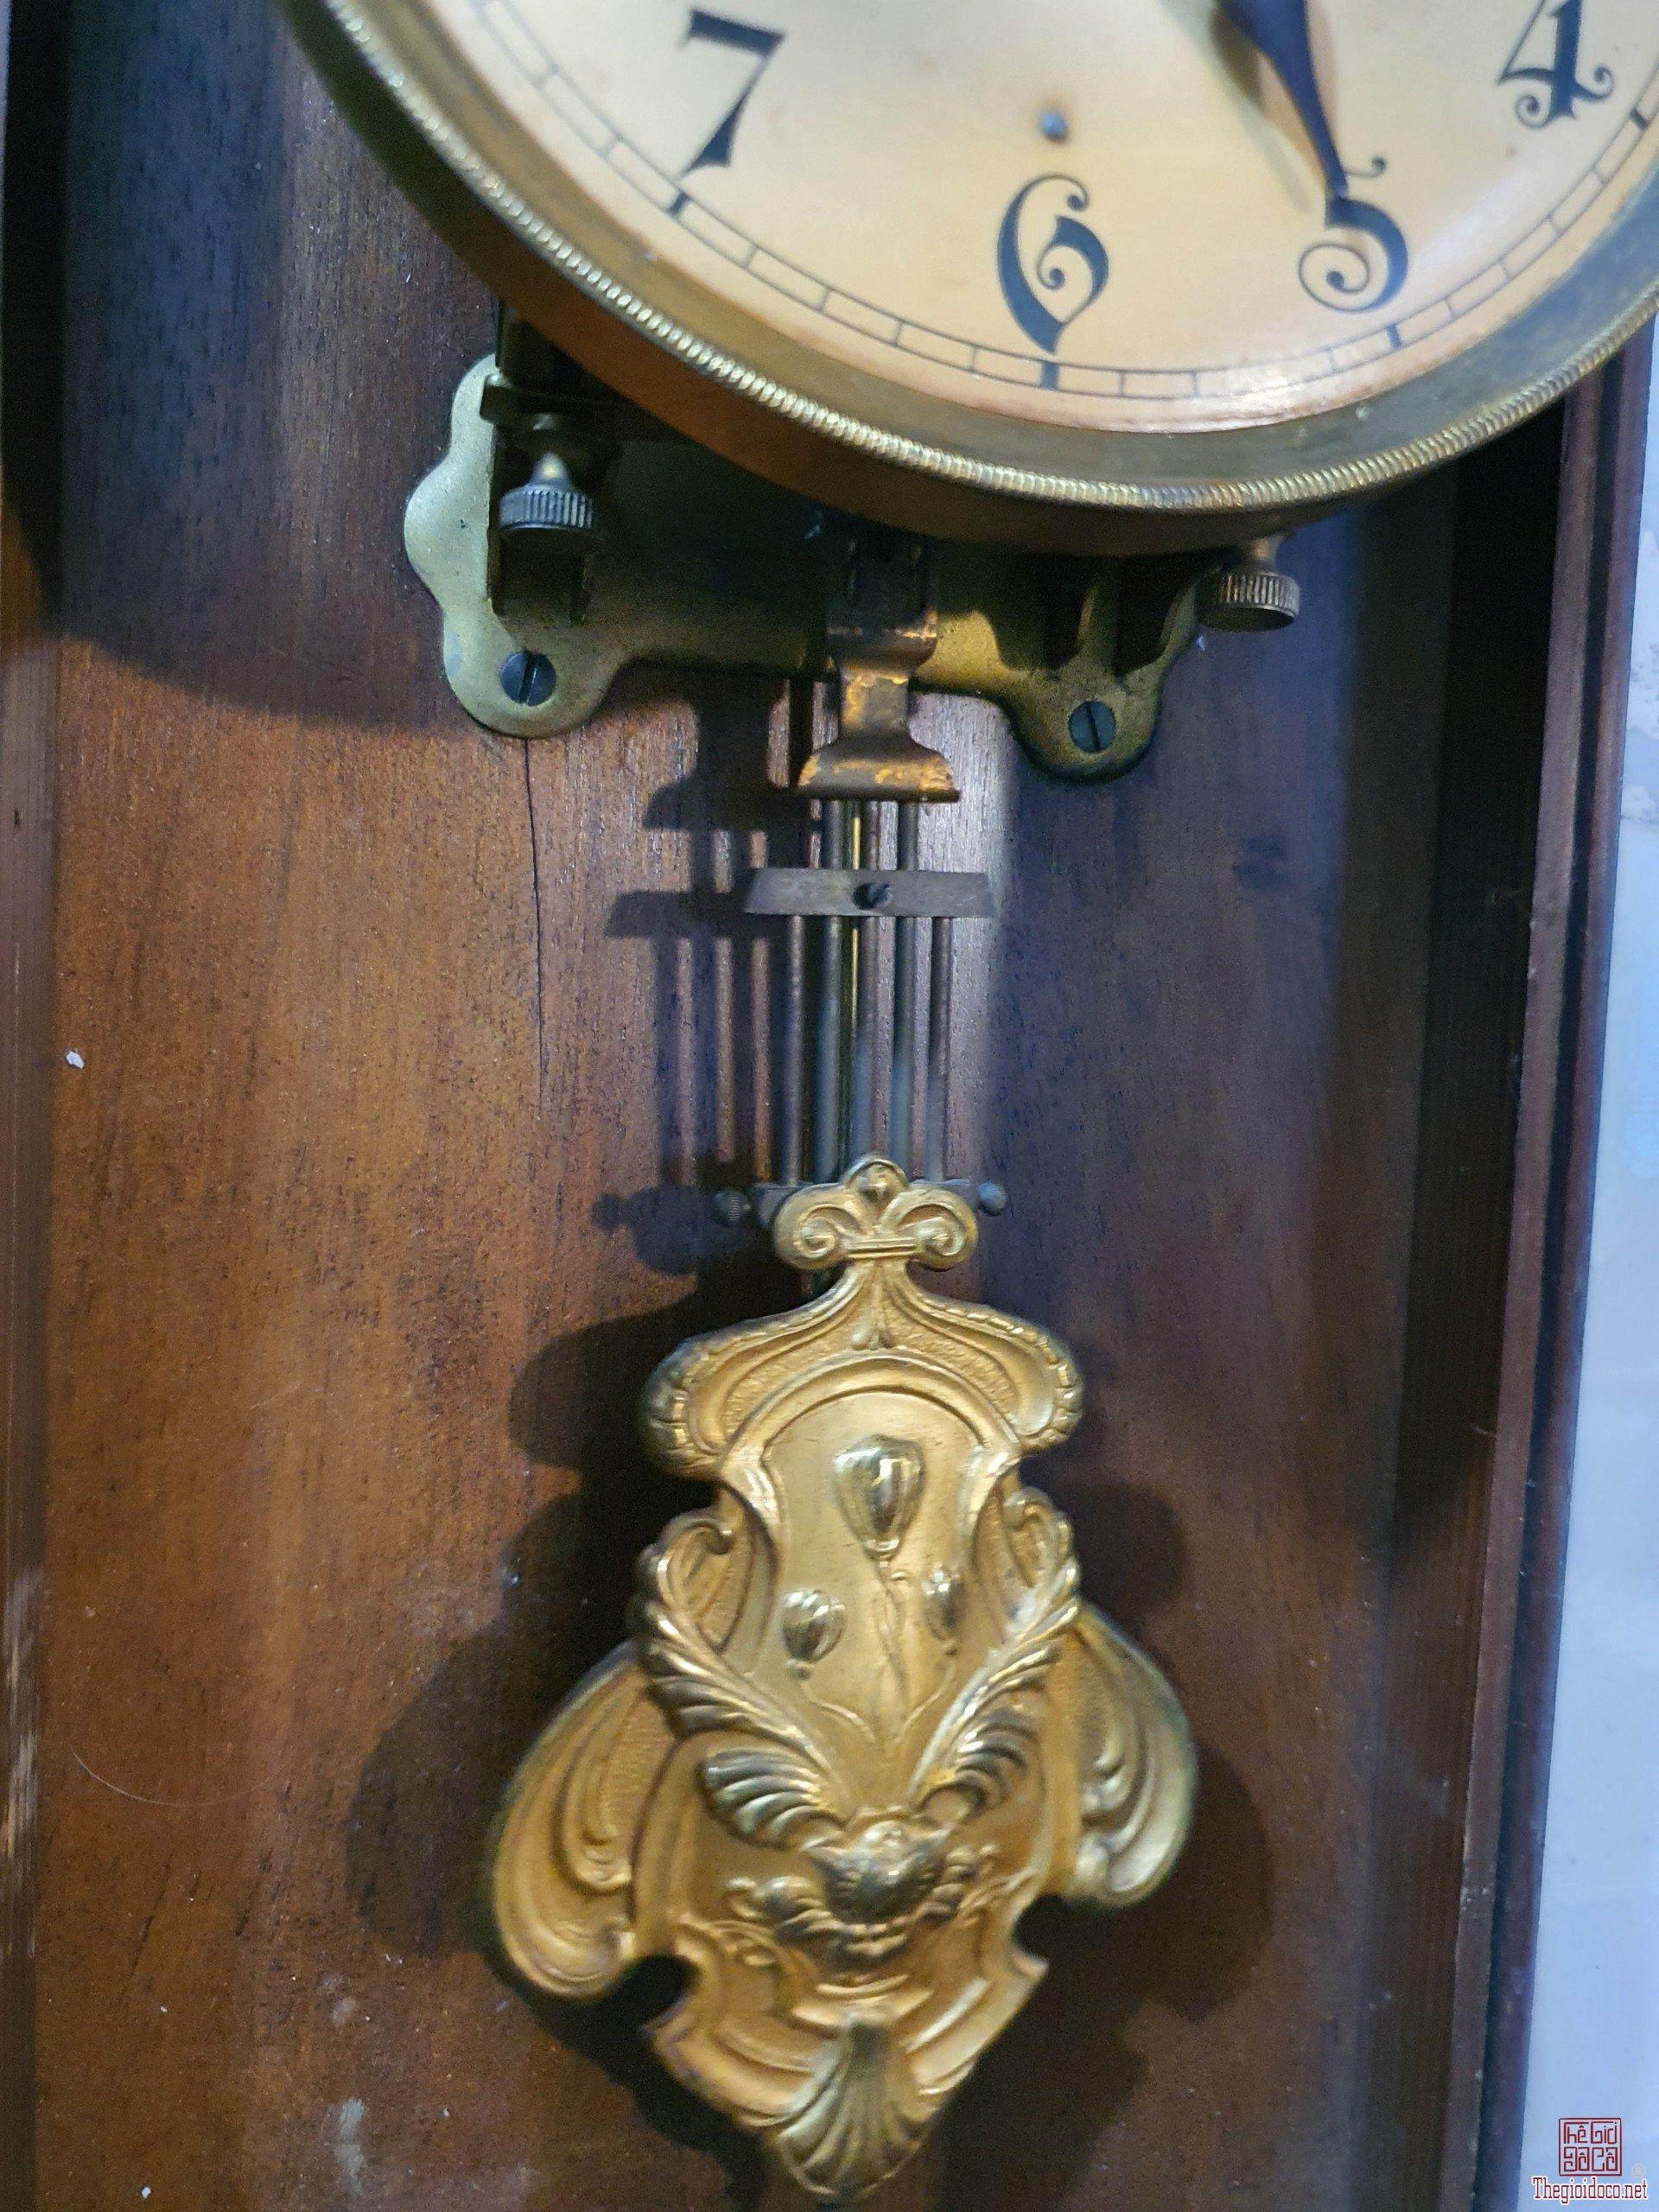 Đồng hồ cổ 2 mũi tên Junghans Đức